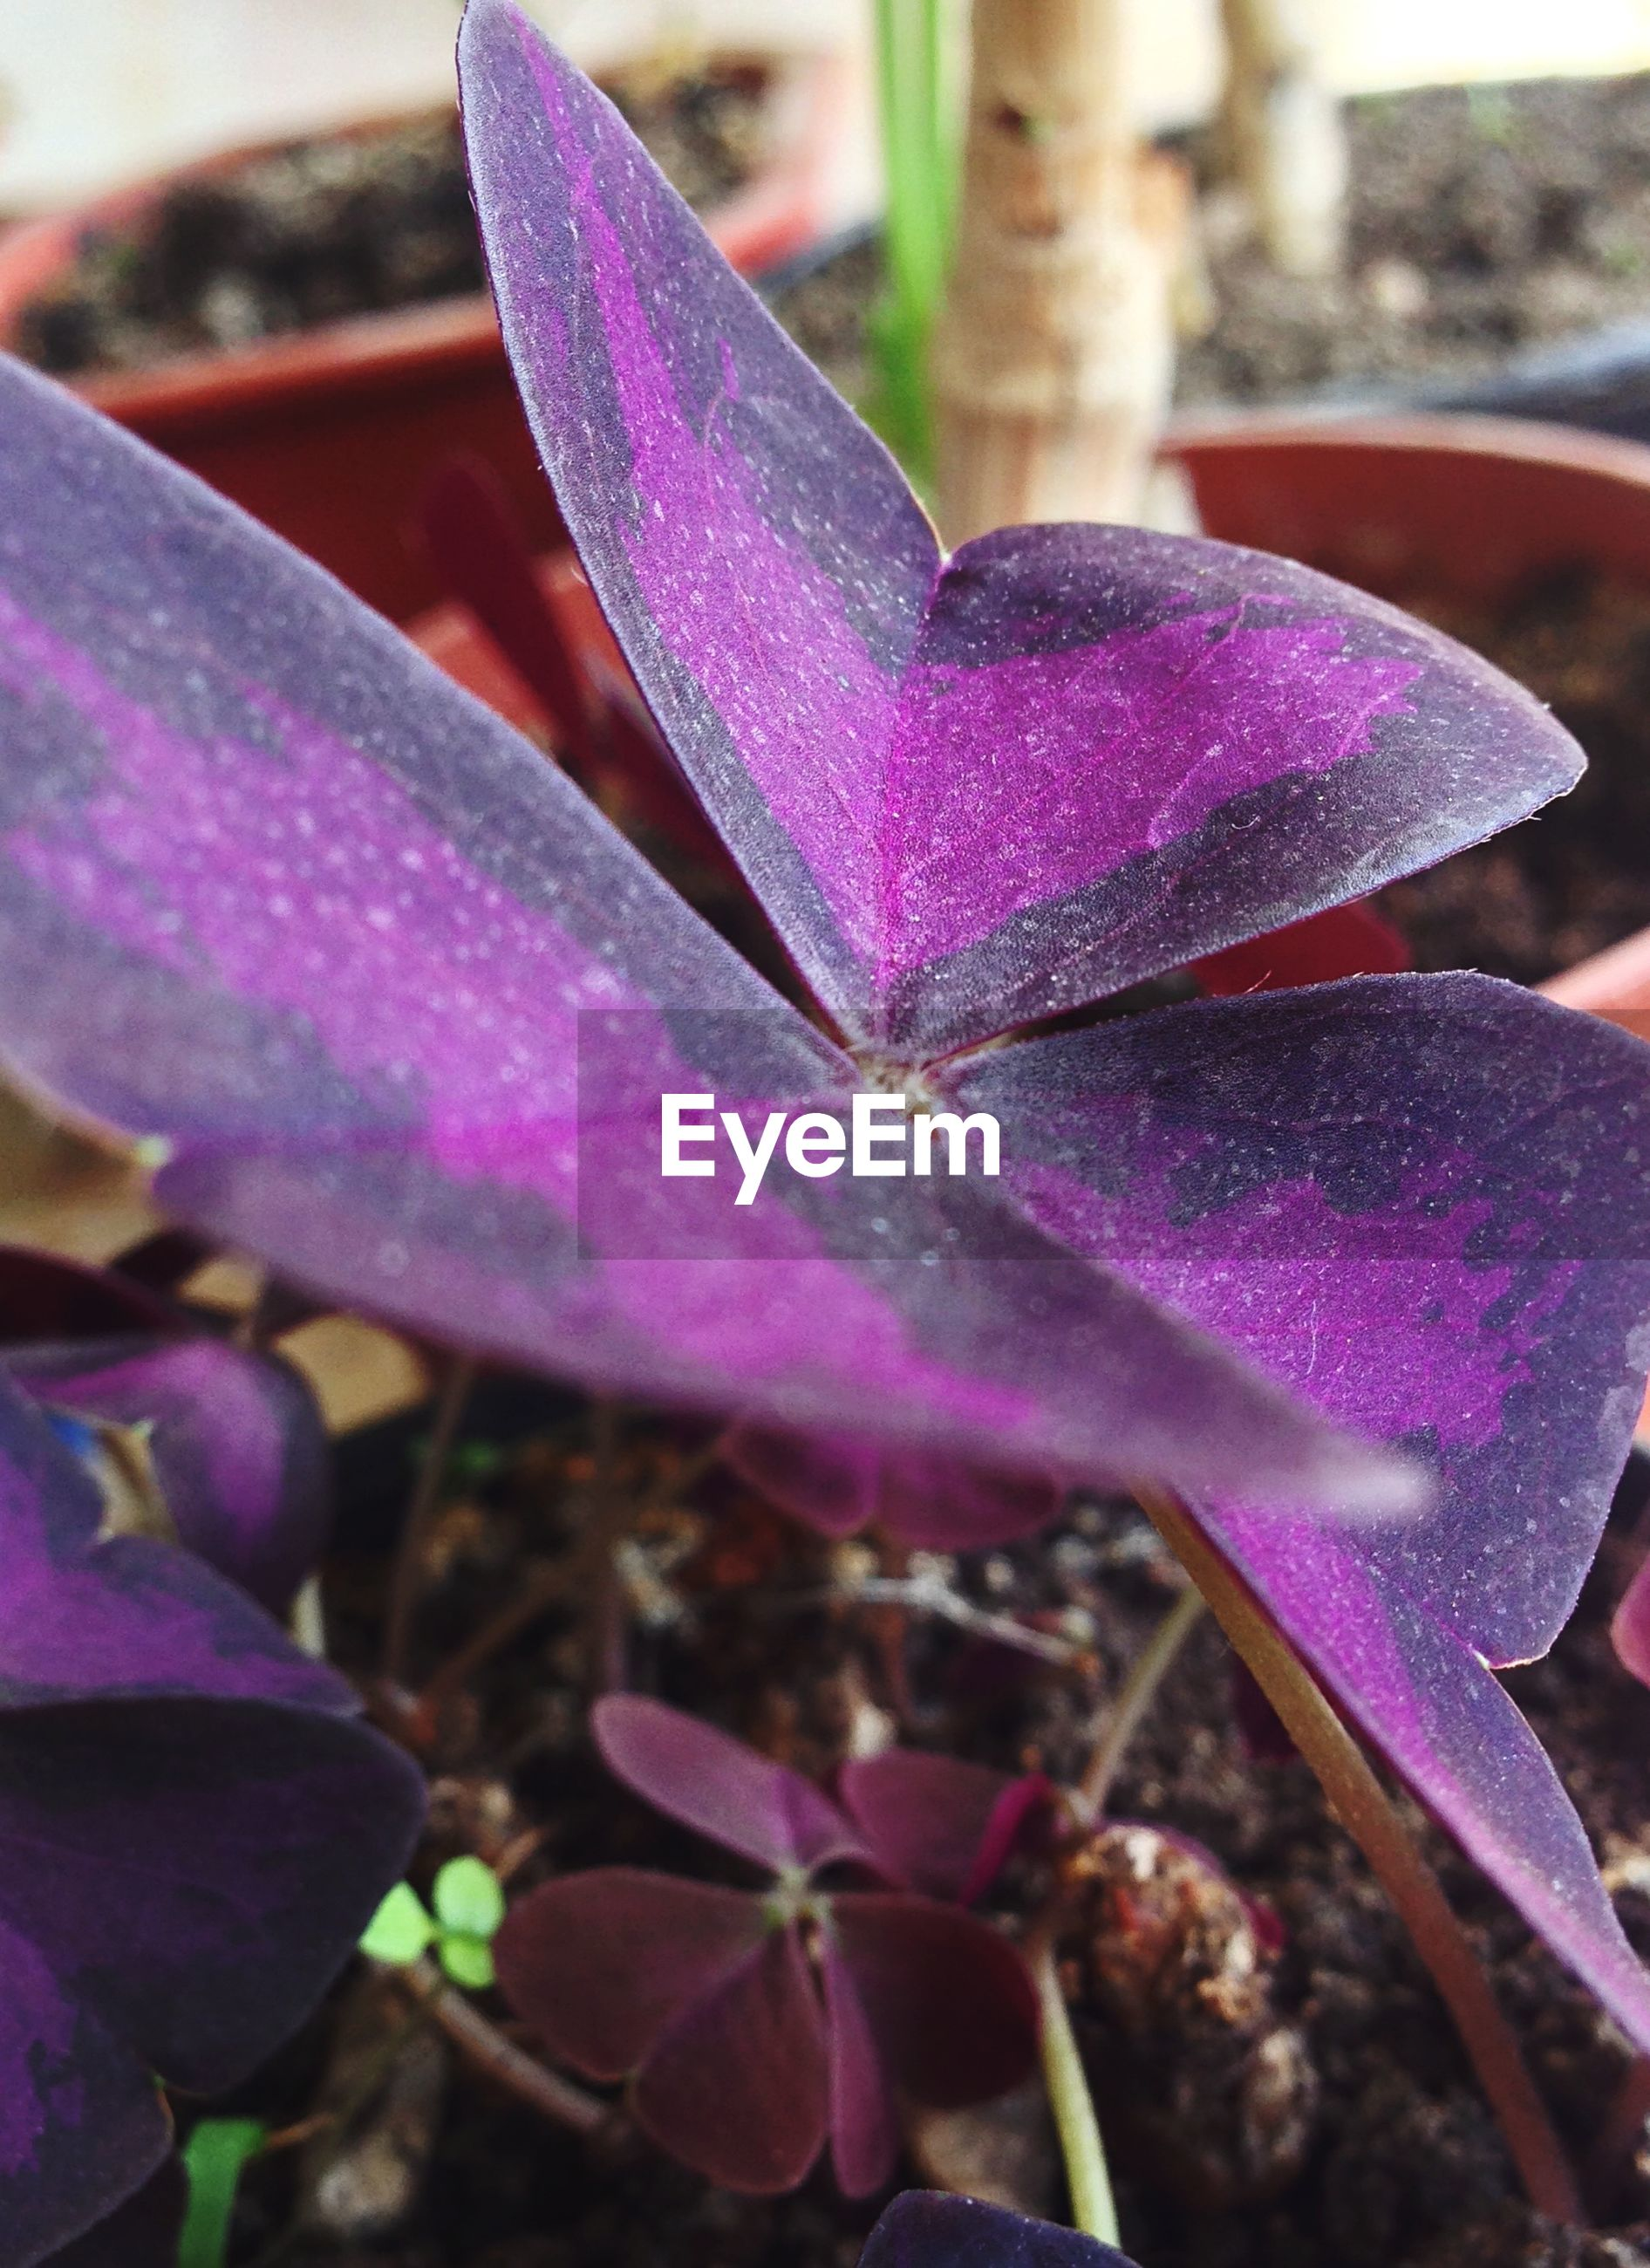 Purple leaves of plant